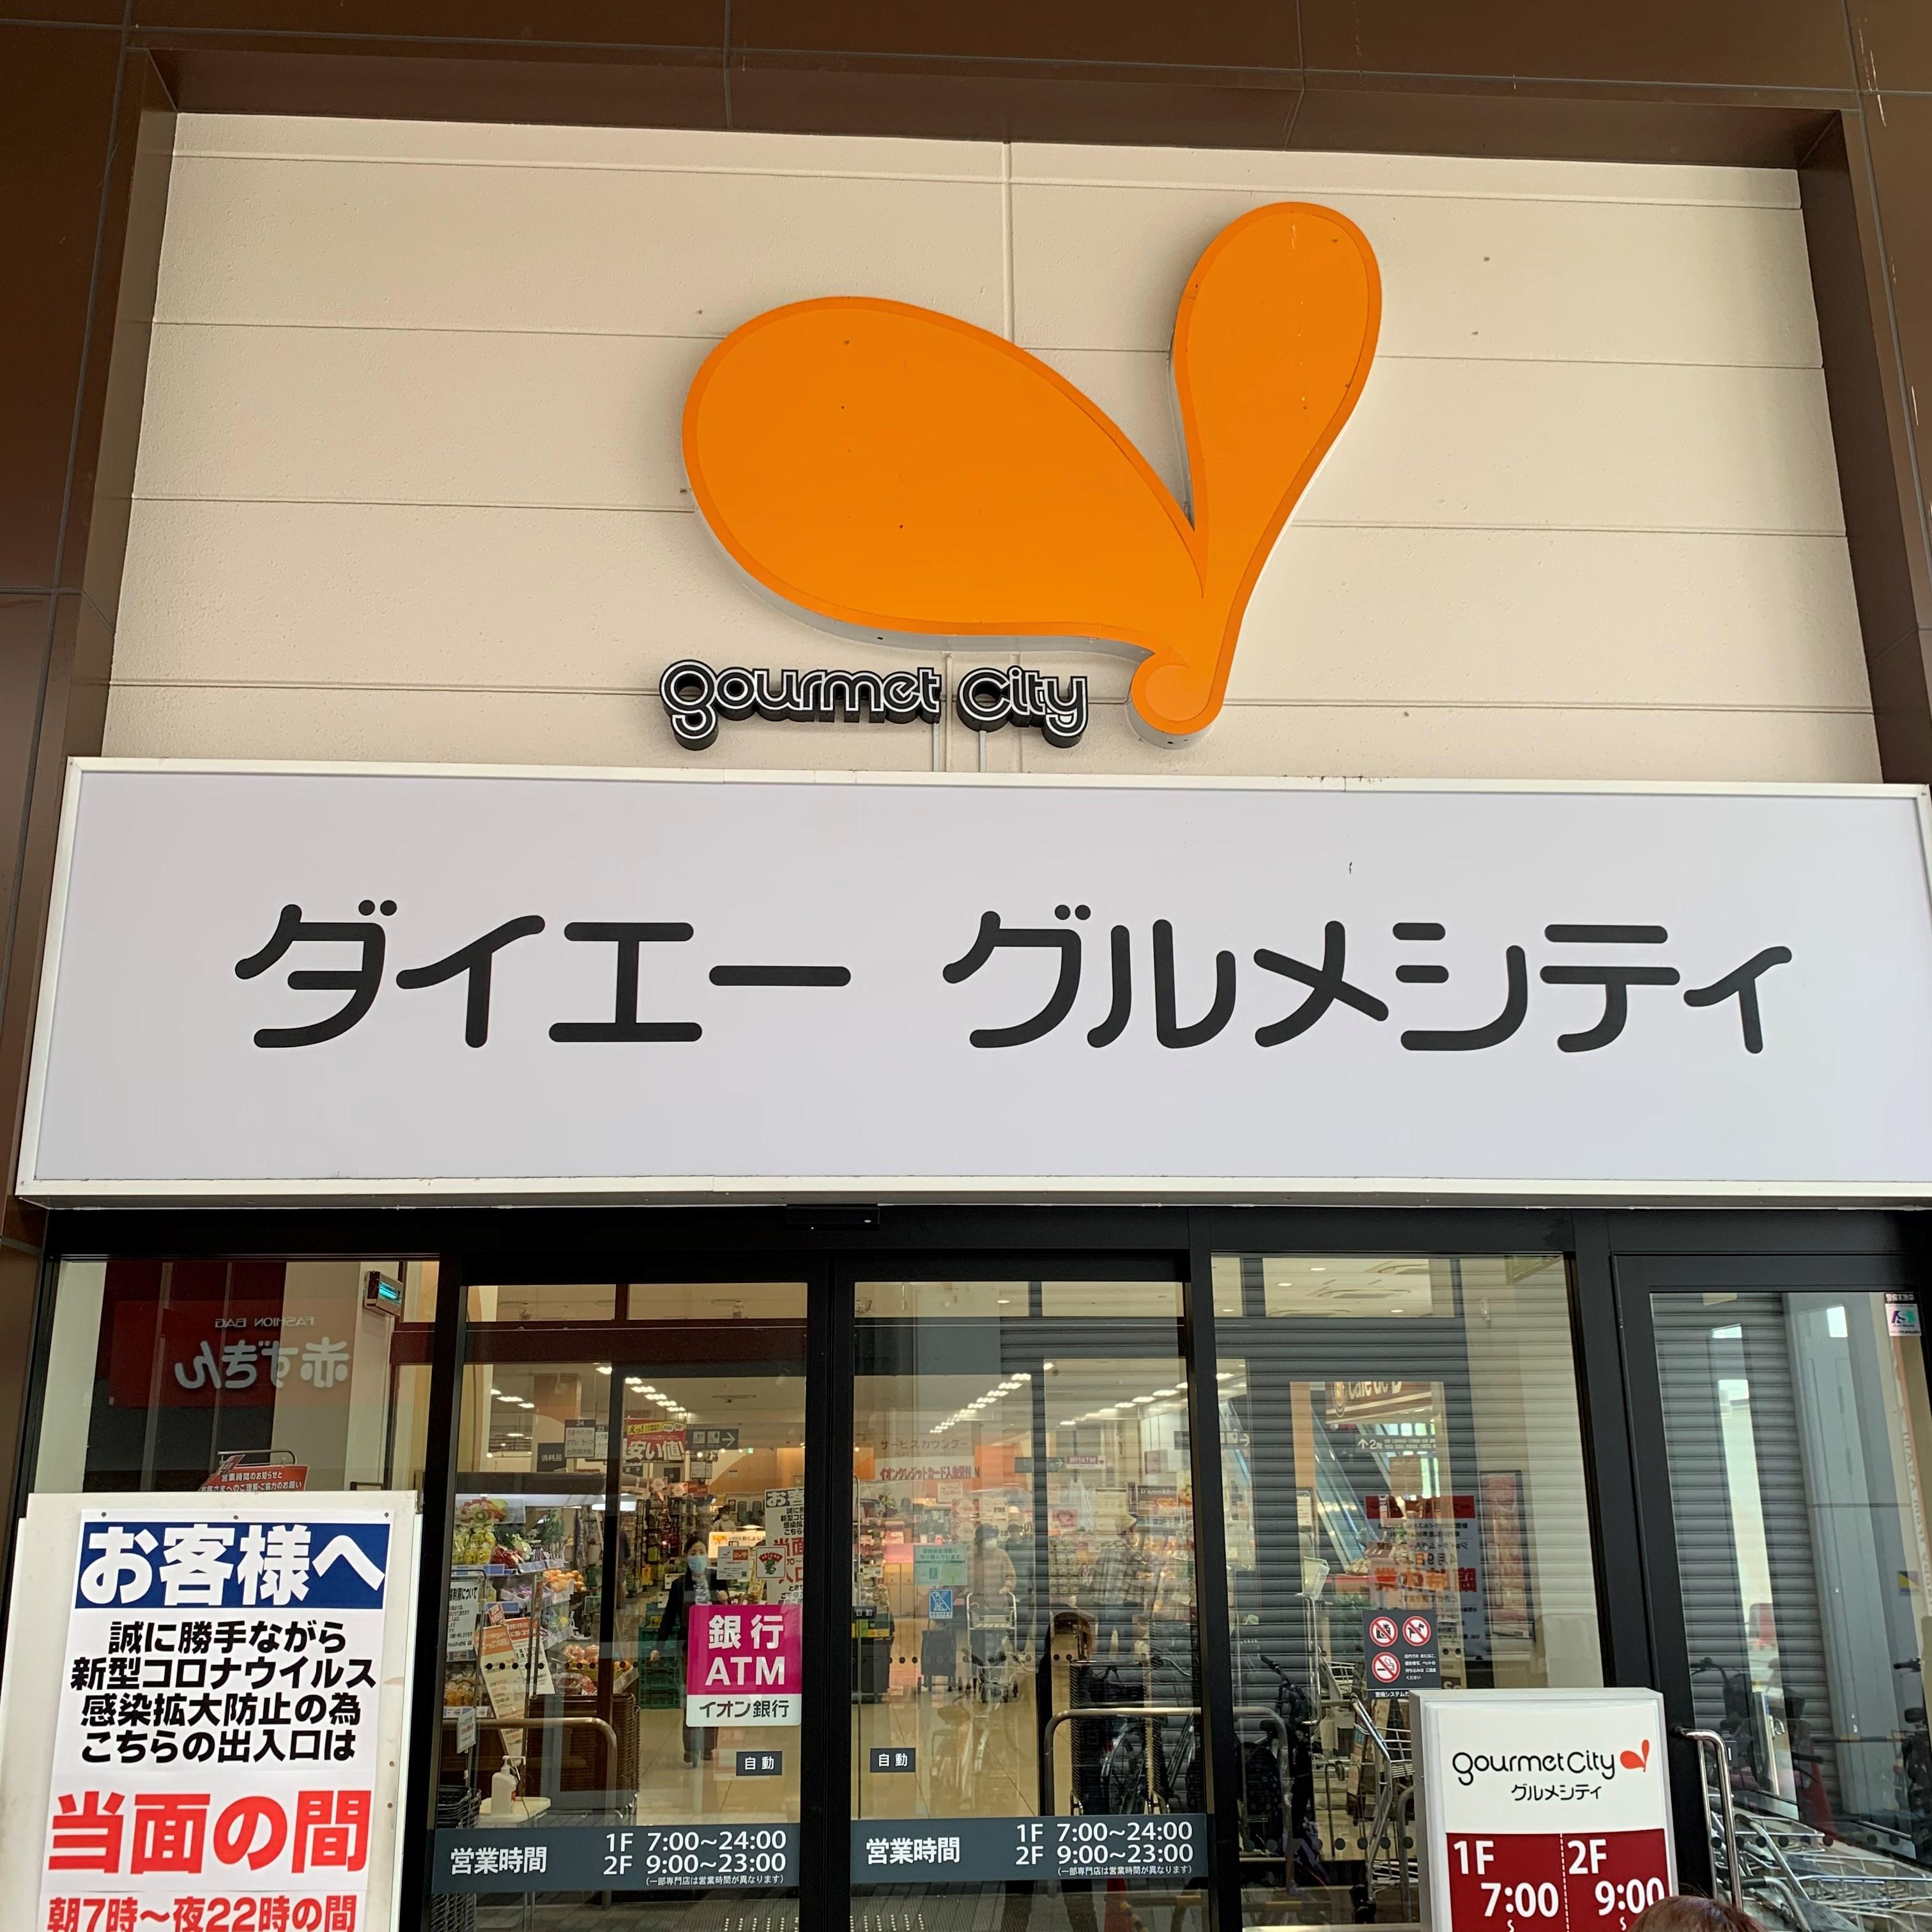 スーパー:グルメシティ庄内店 42m